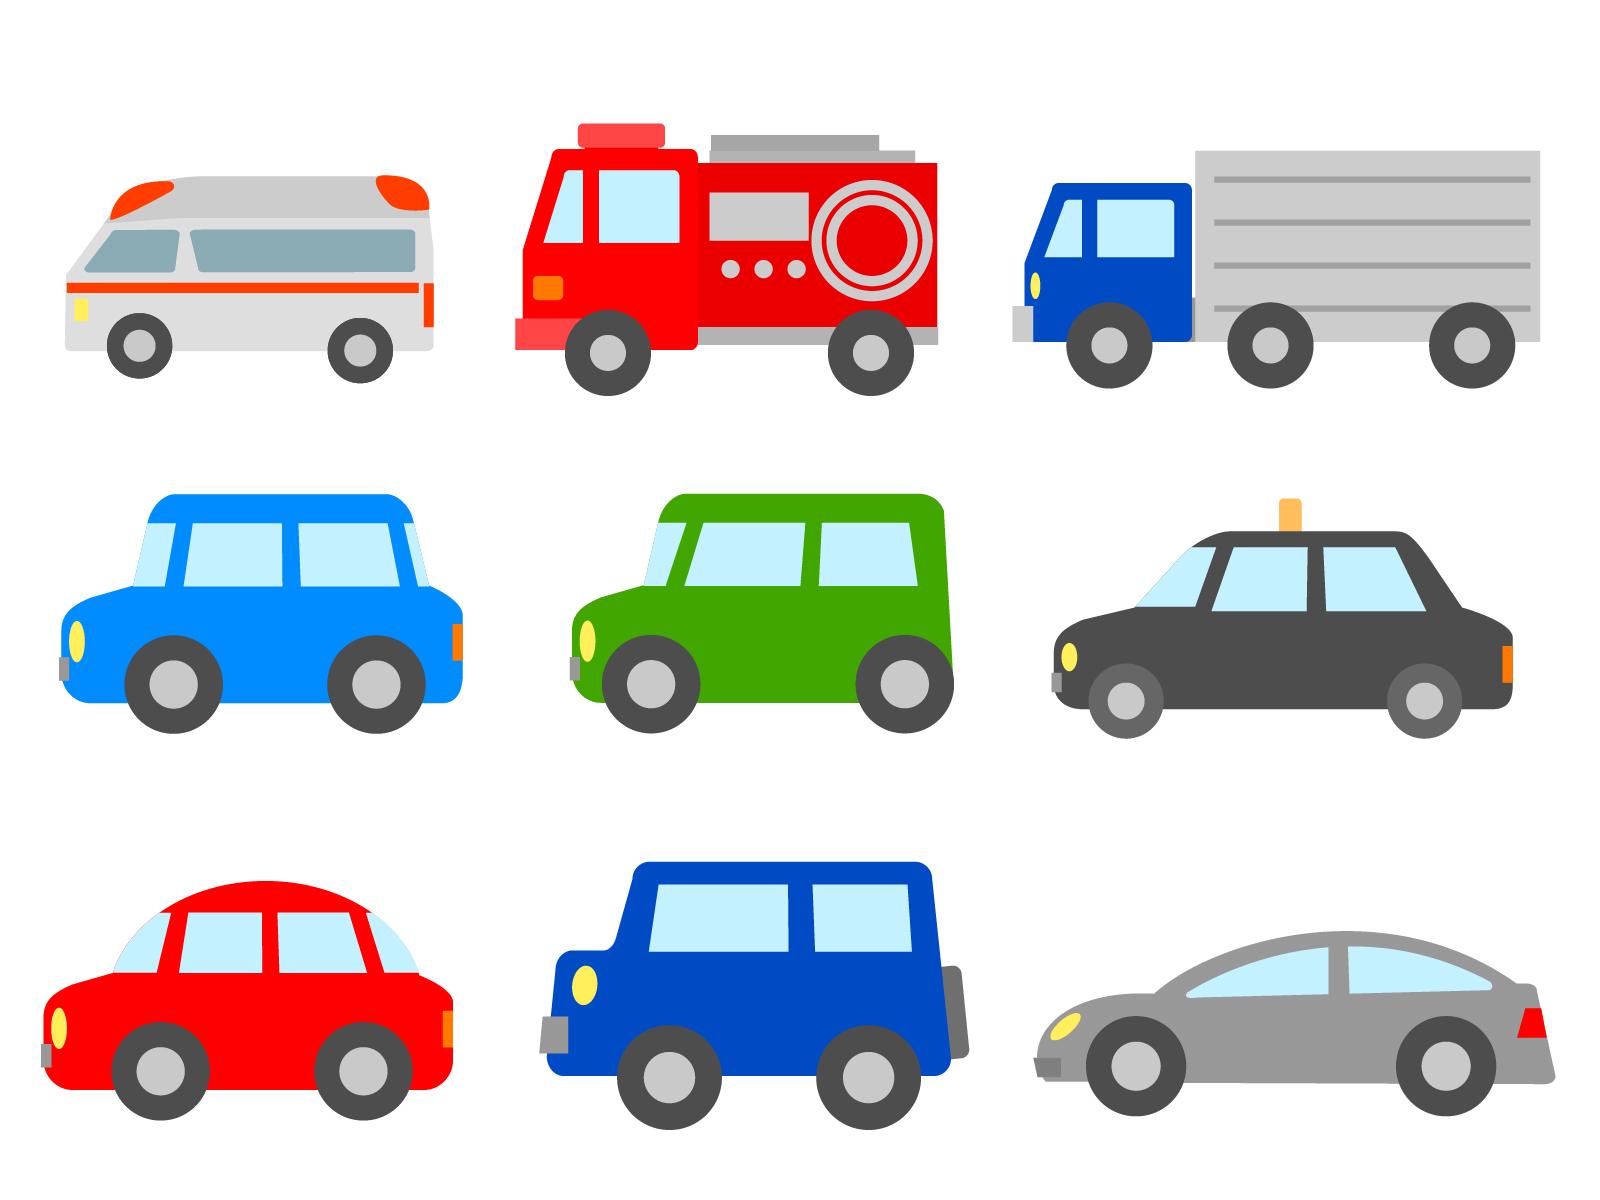 ナンバープレートの分類別にトラックの維持費は異なる?